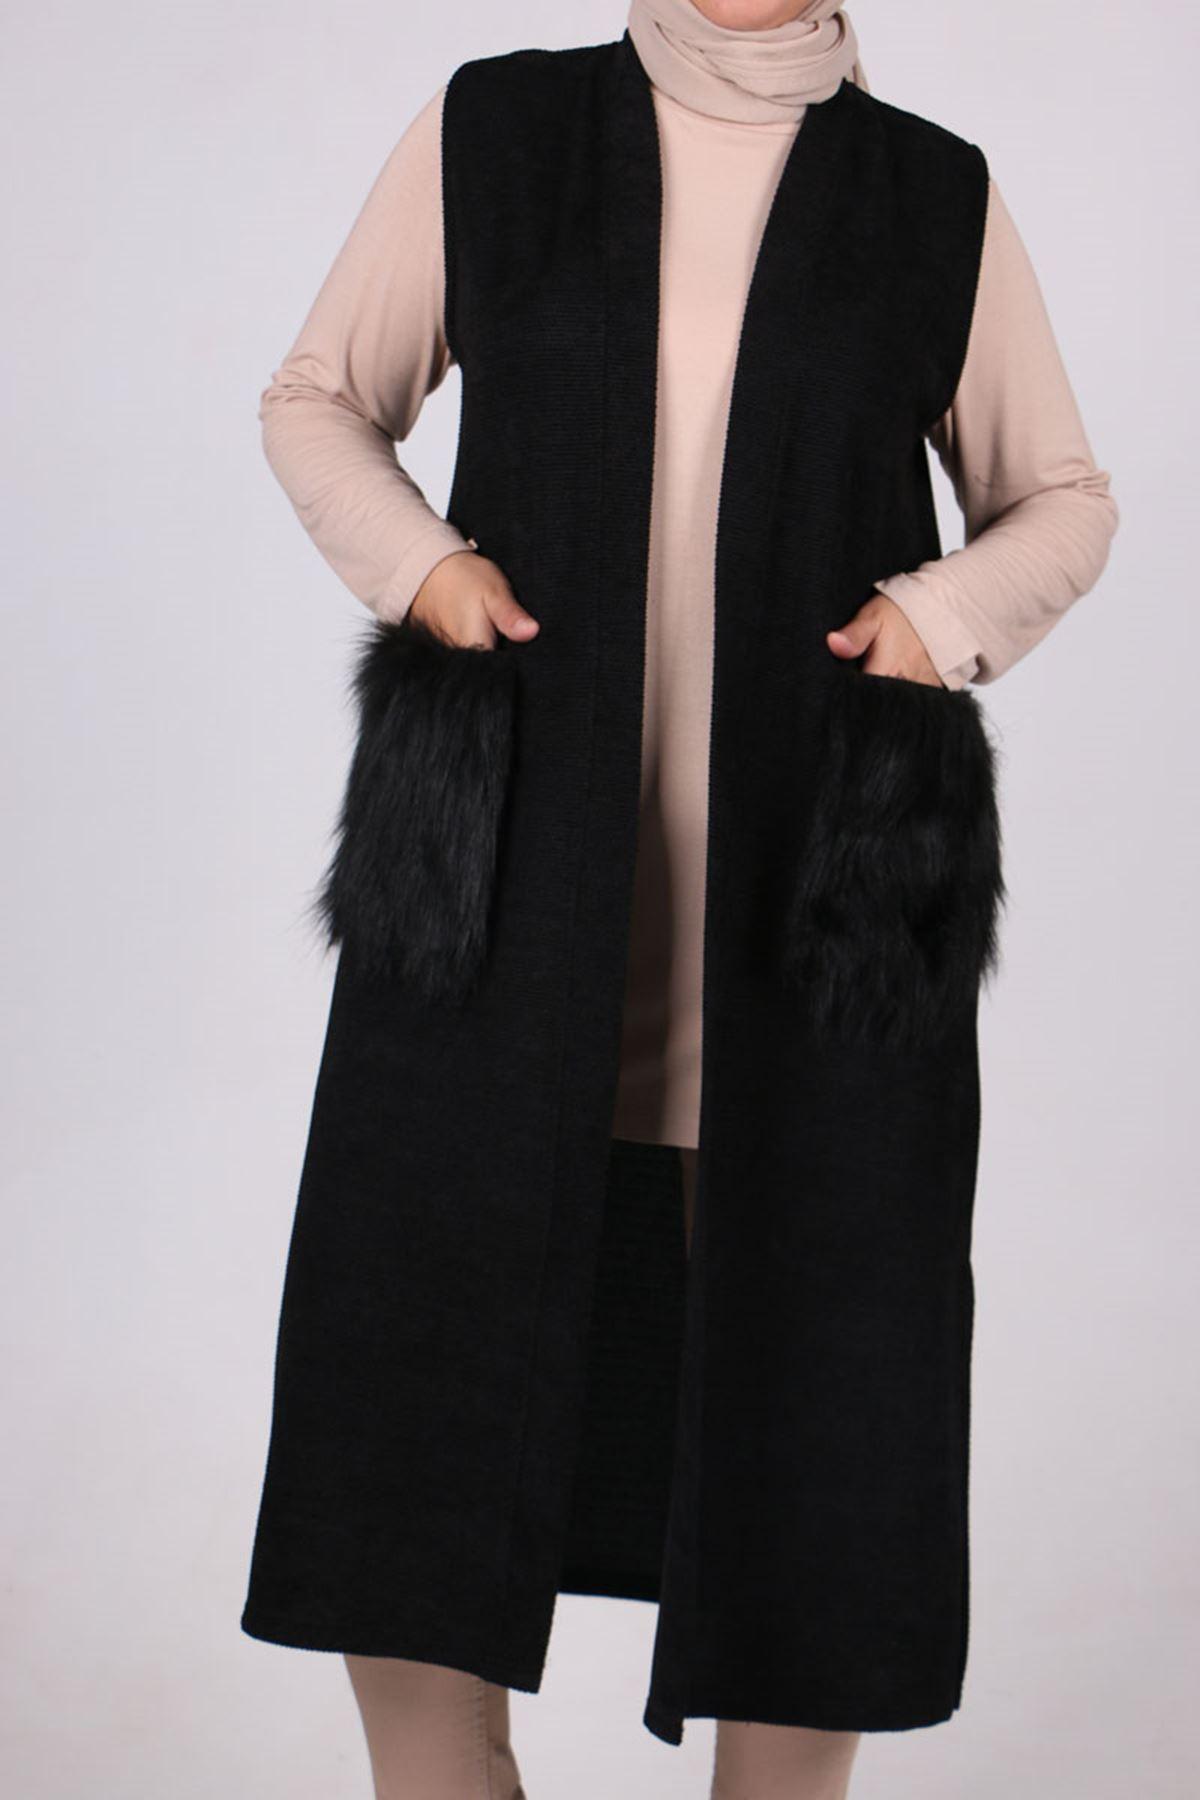 4060 Büyük Beden Örme Asya Giy-Çık Yelek - Siyah